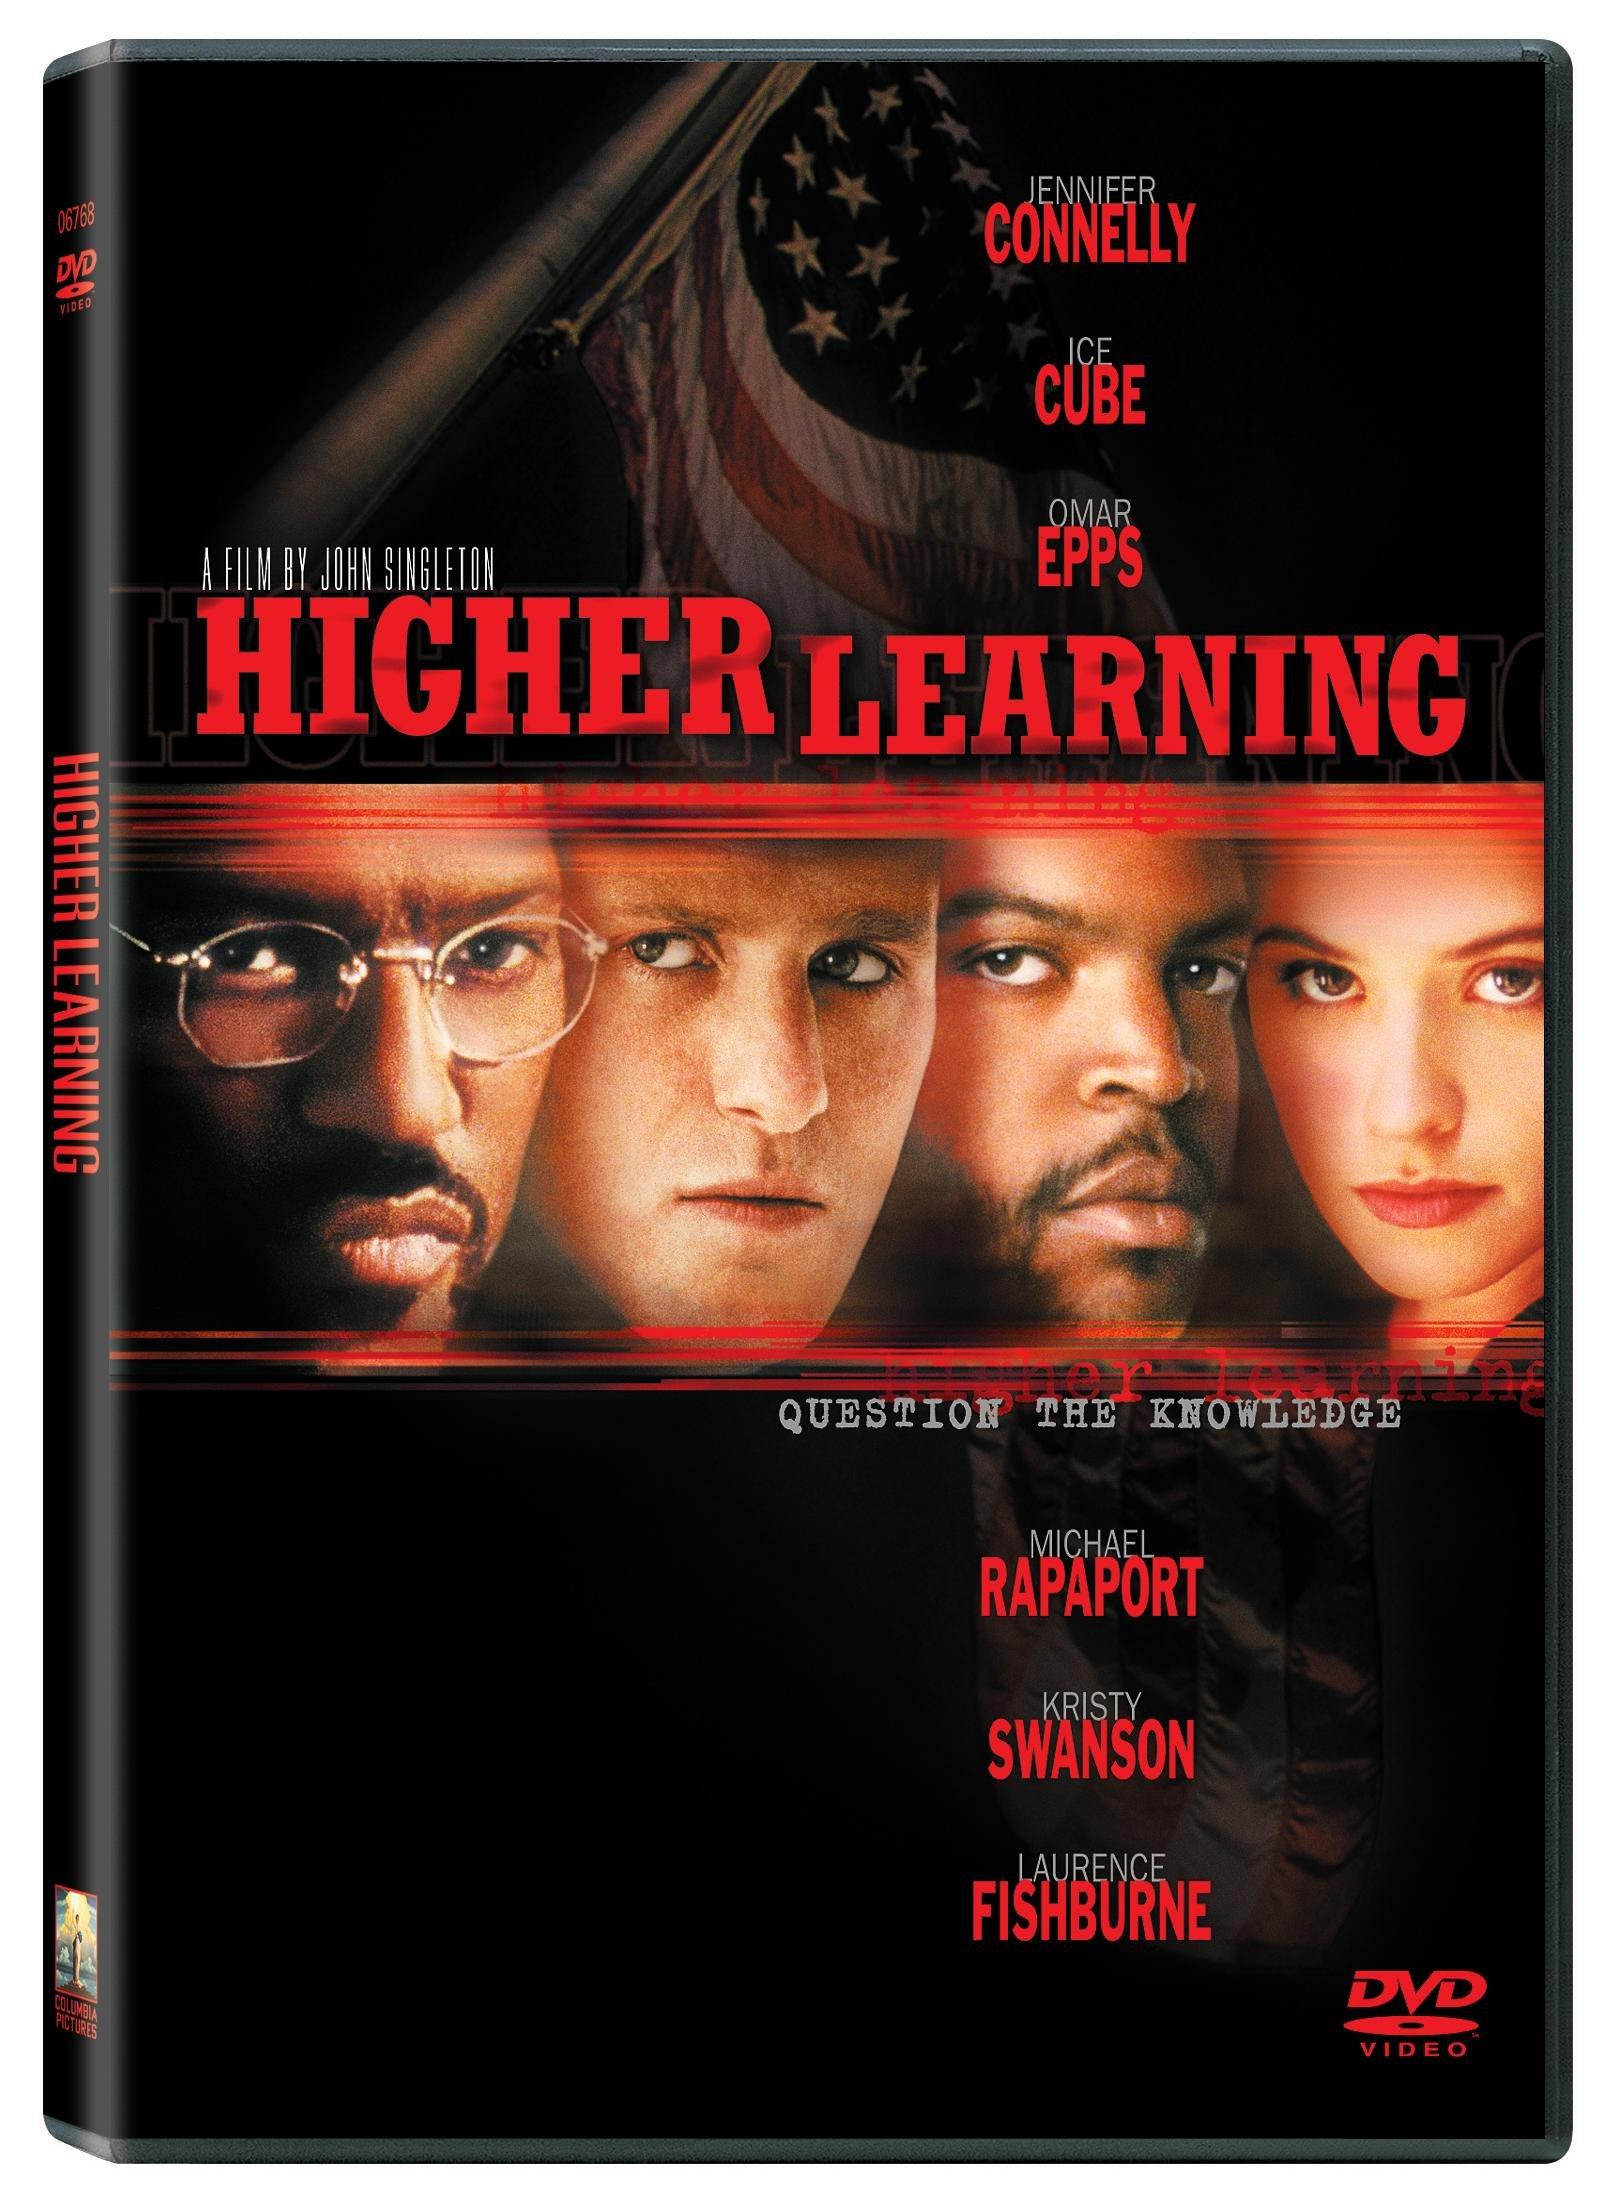 Higher Learning (DVD)